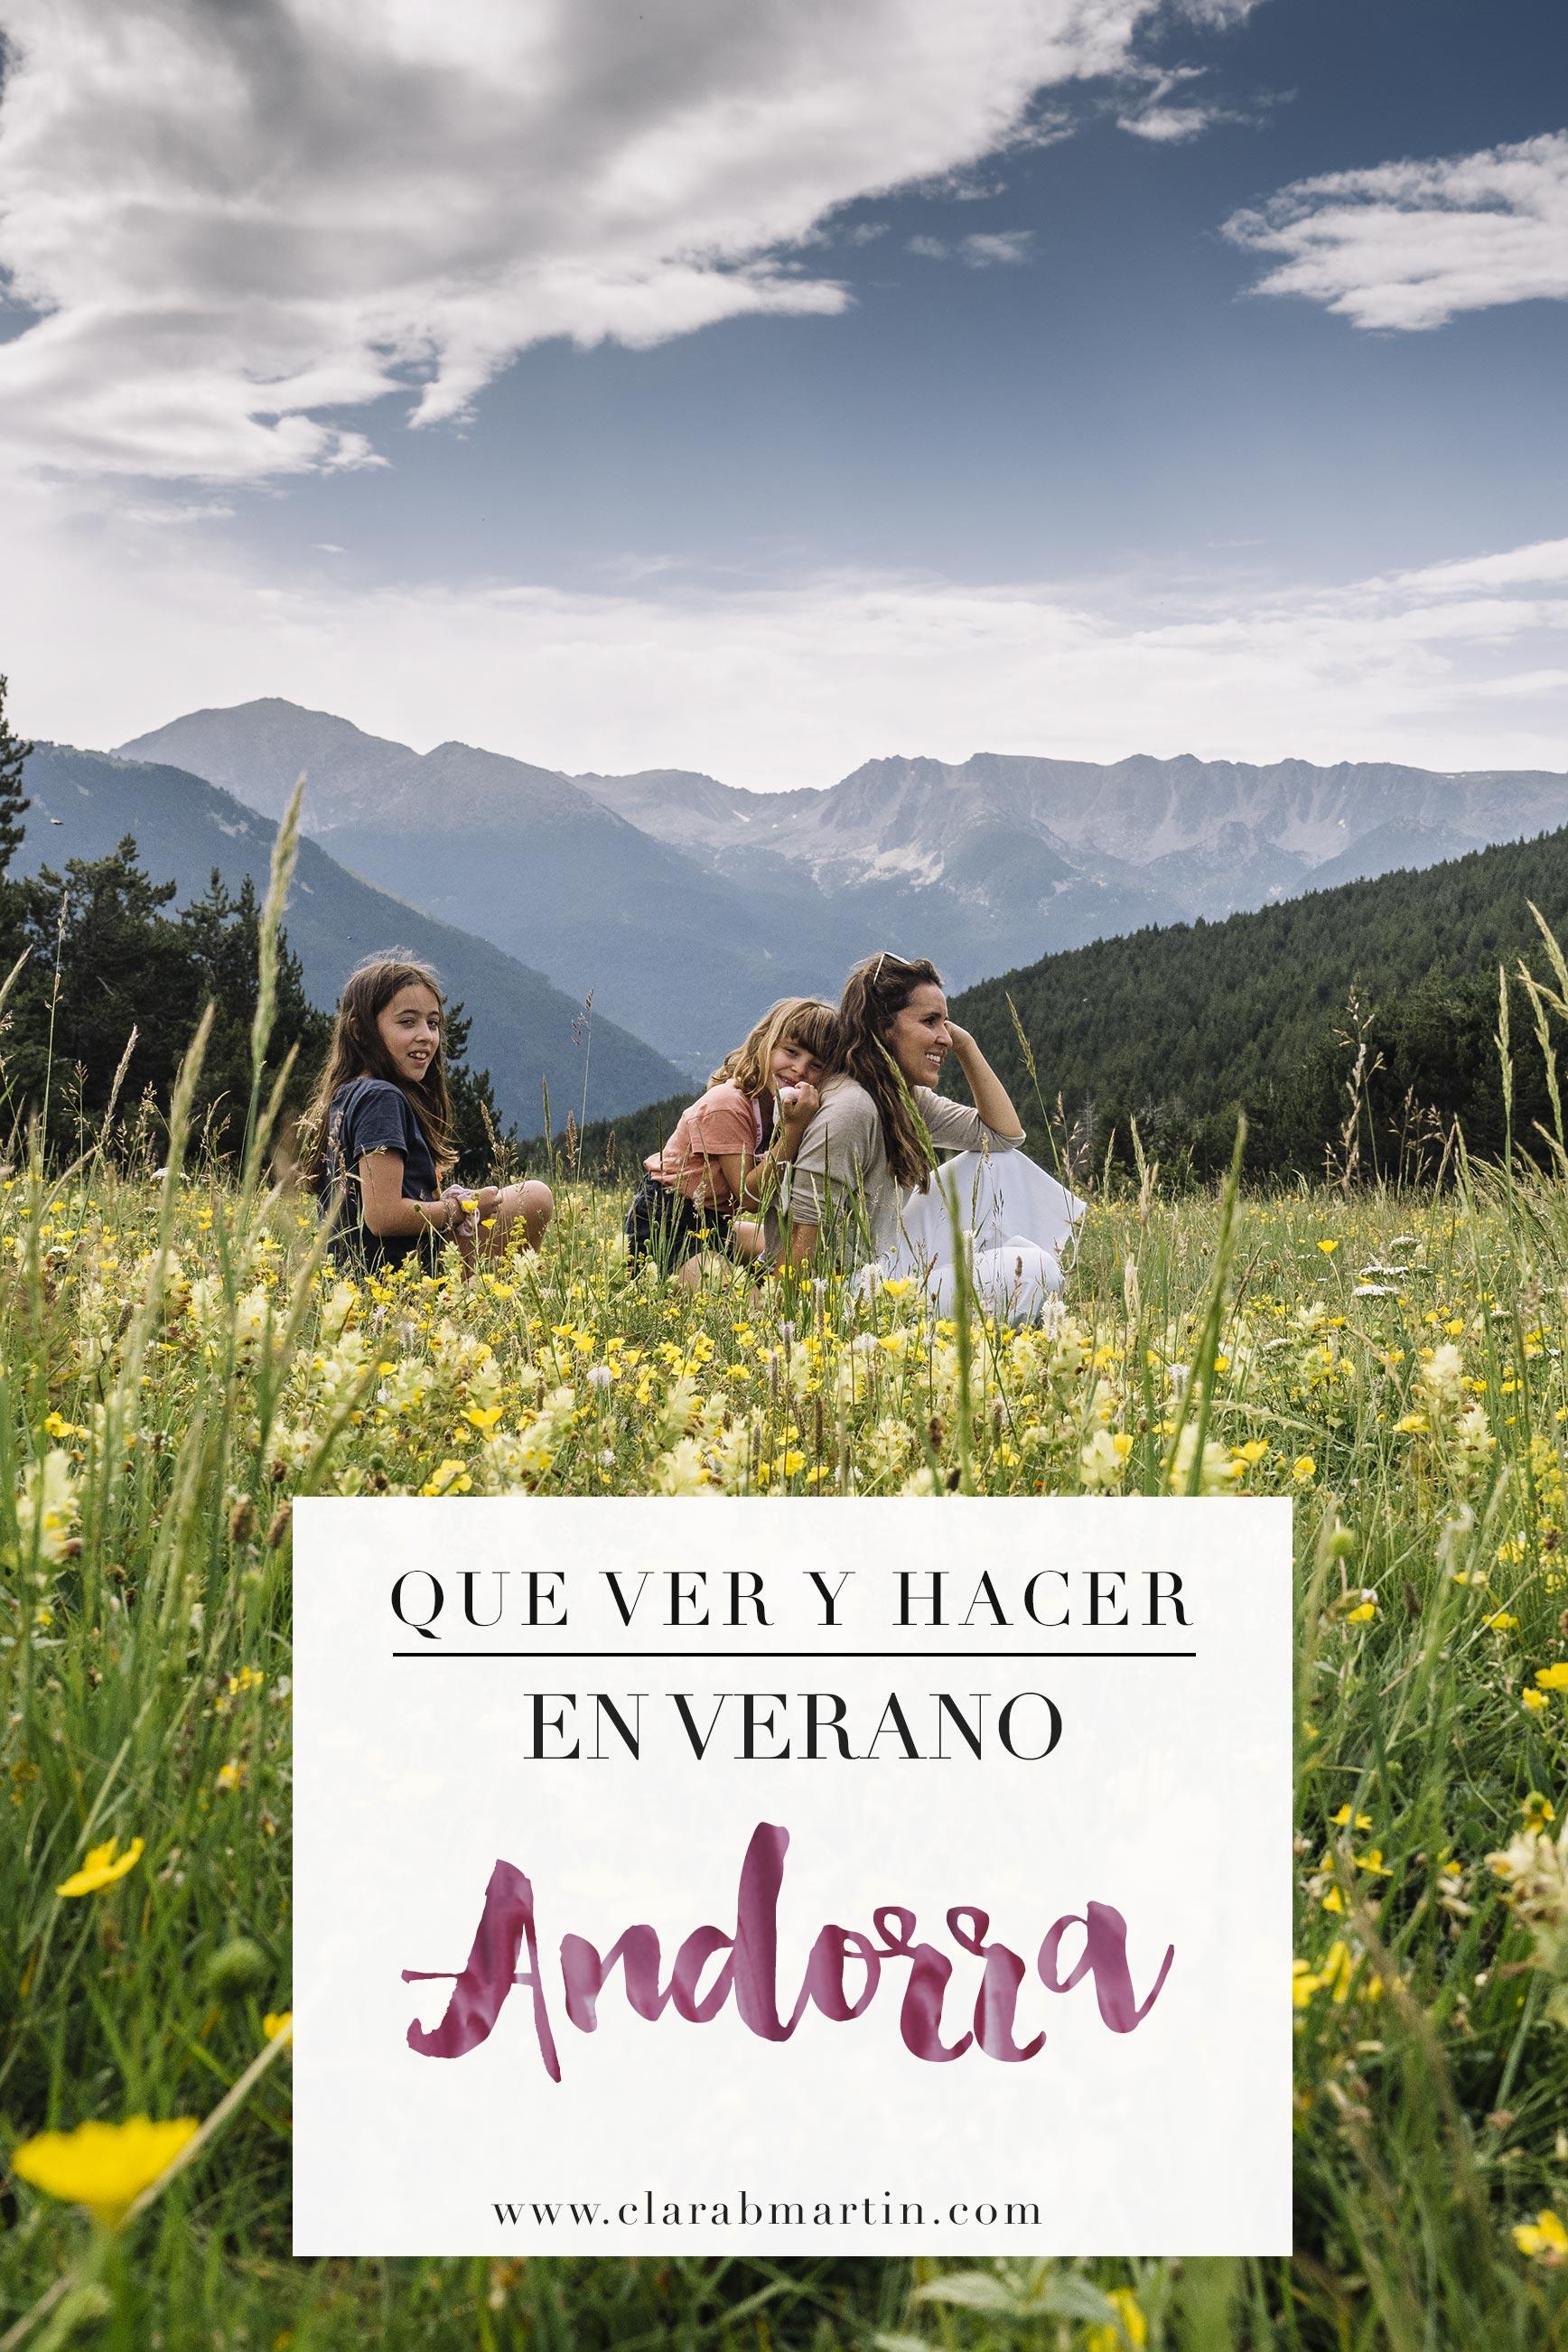 Andorra en verano con niños: Qué ver y hacer